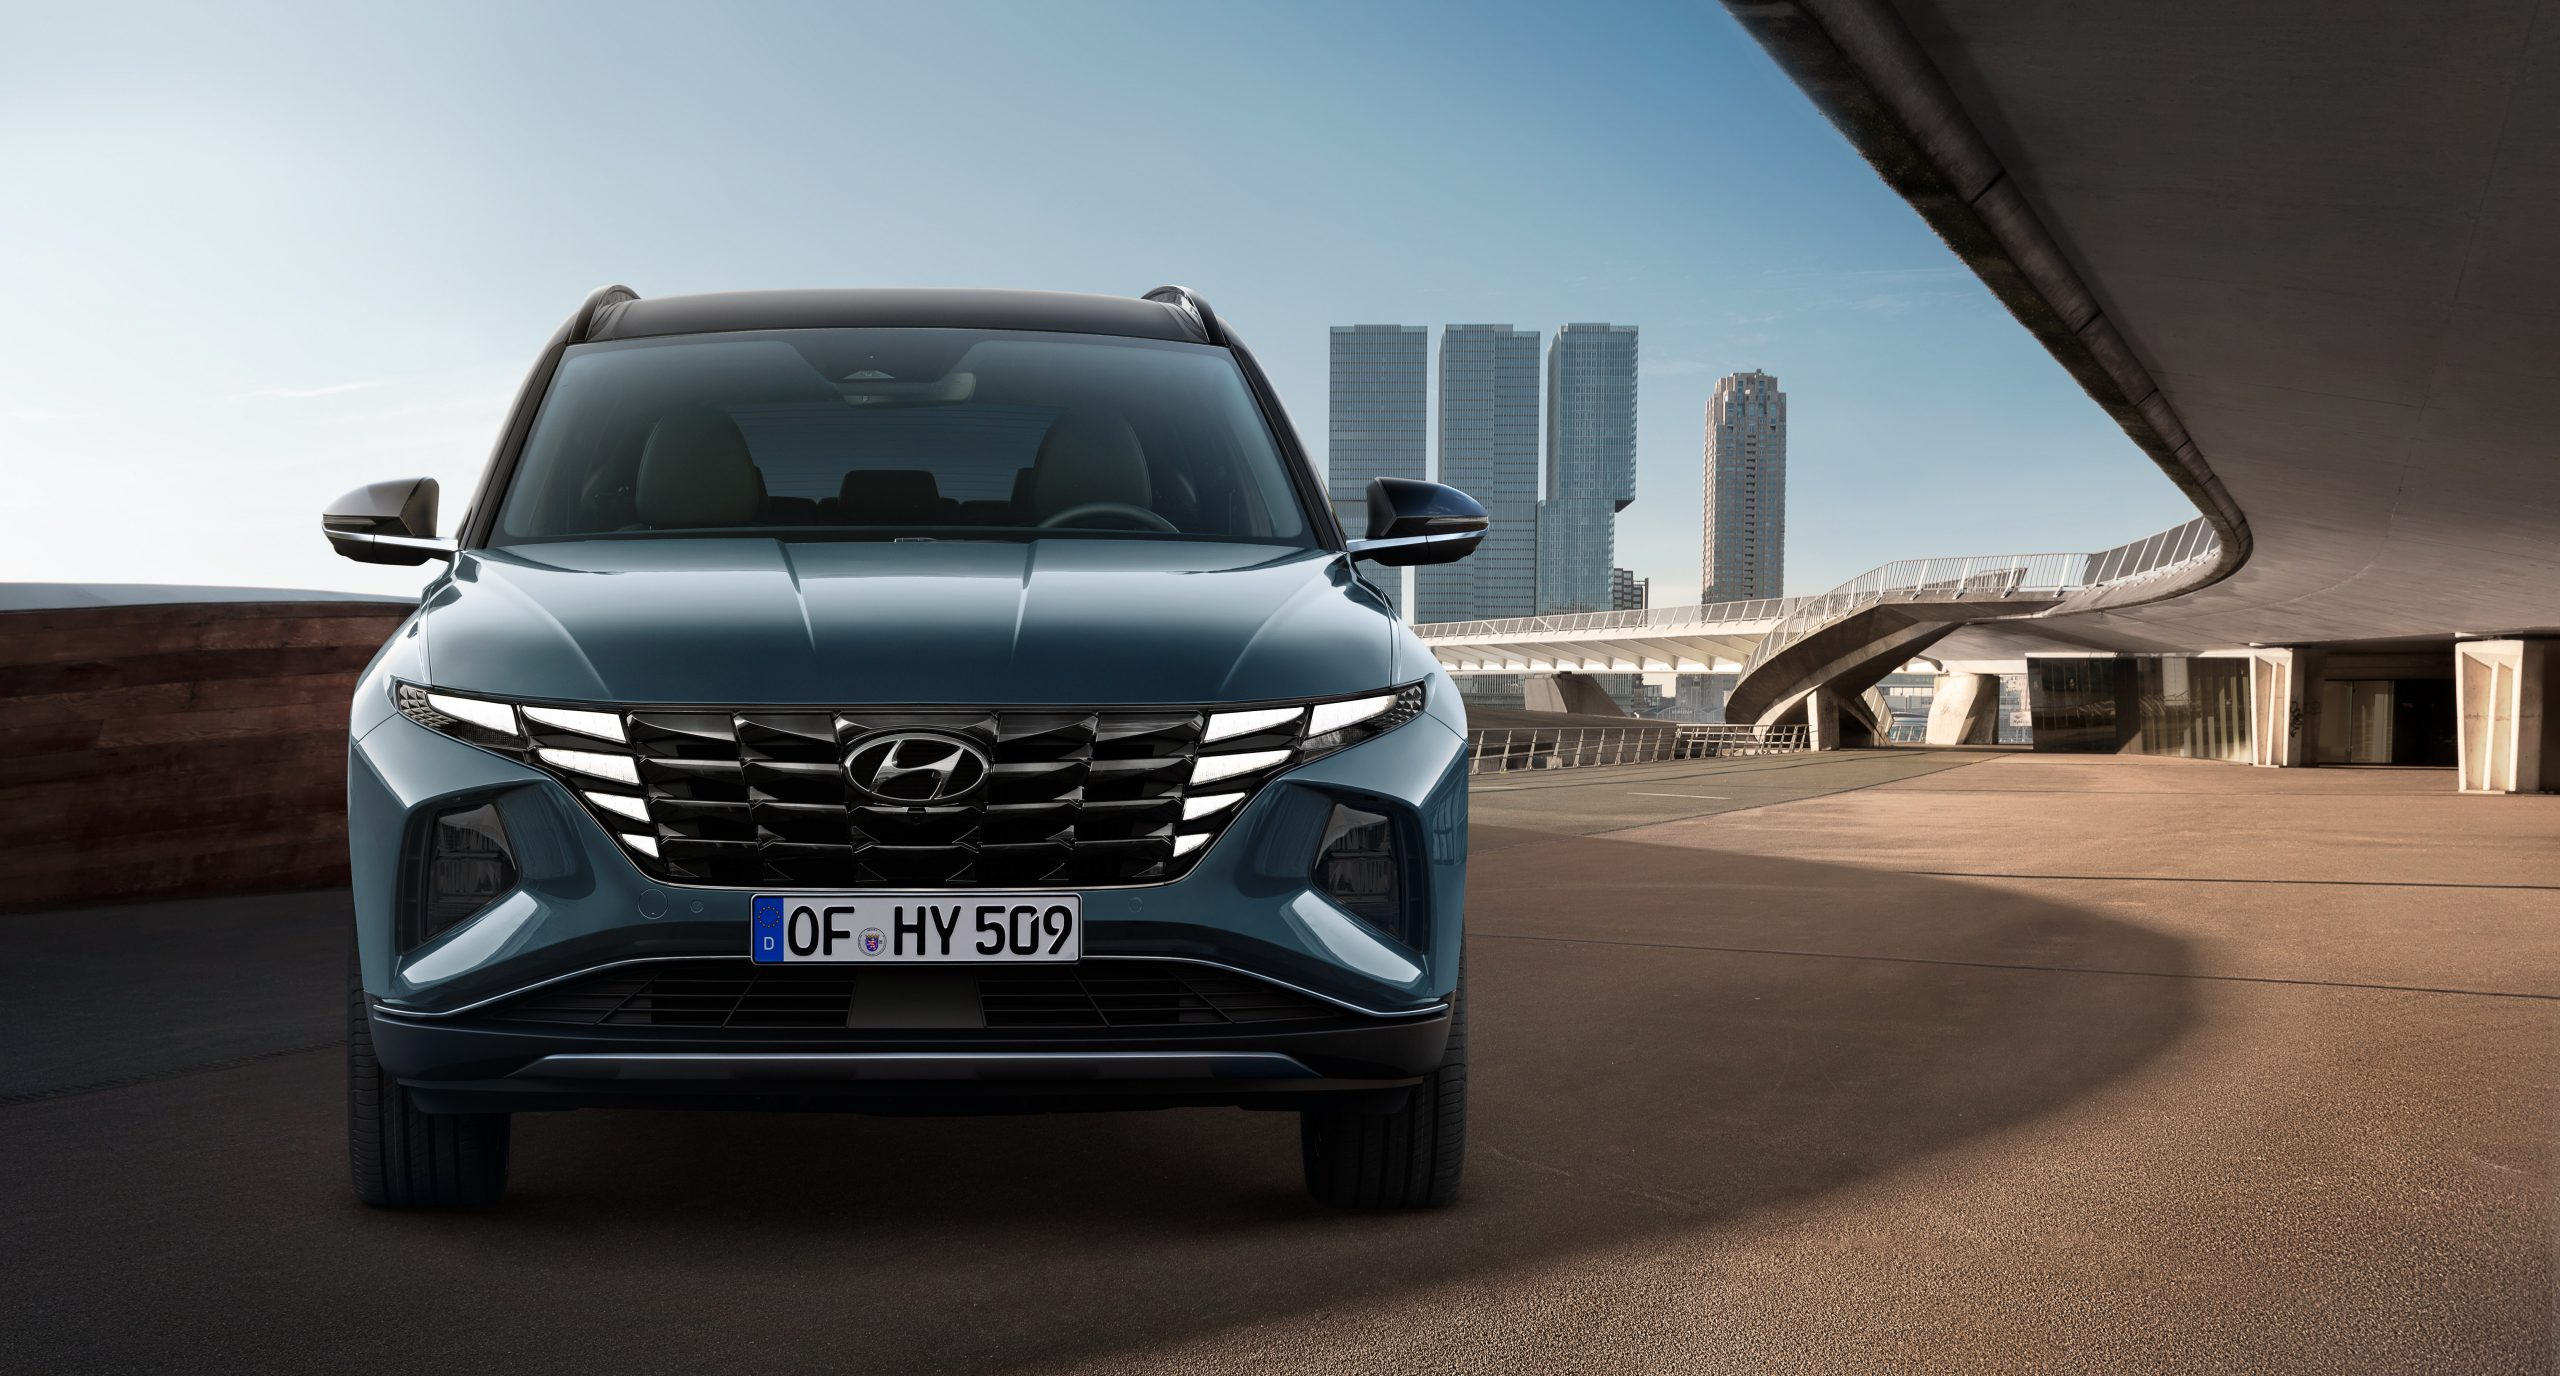 NUOVO Hyundai Tucson tuo da 24.400€